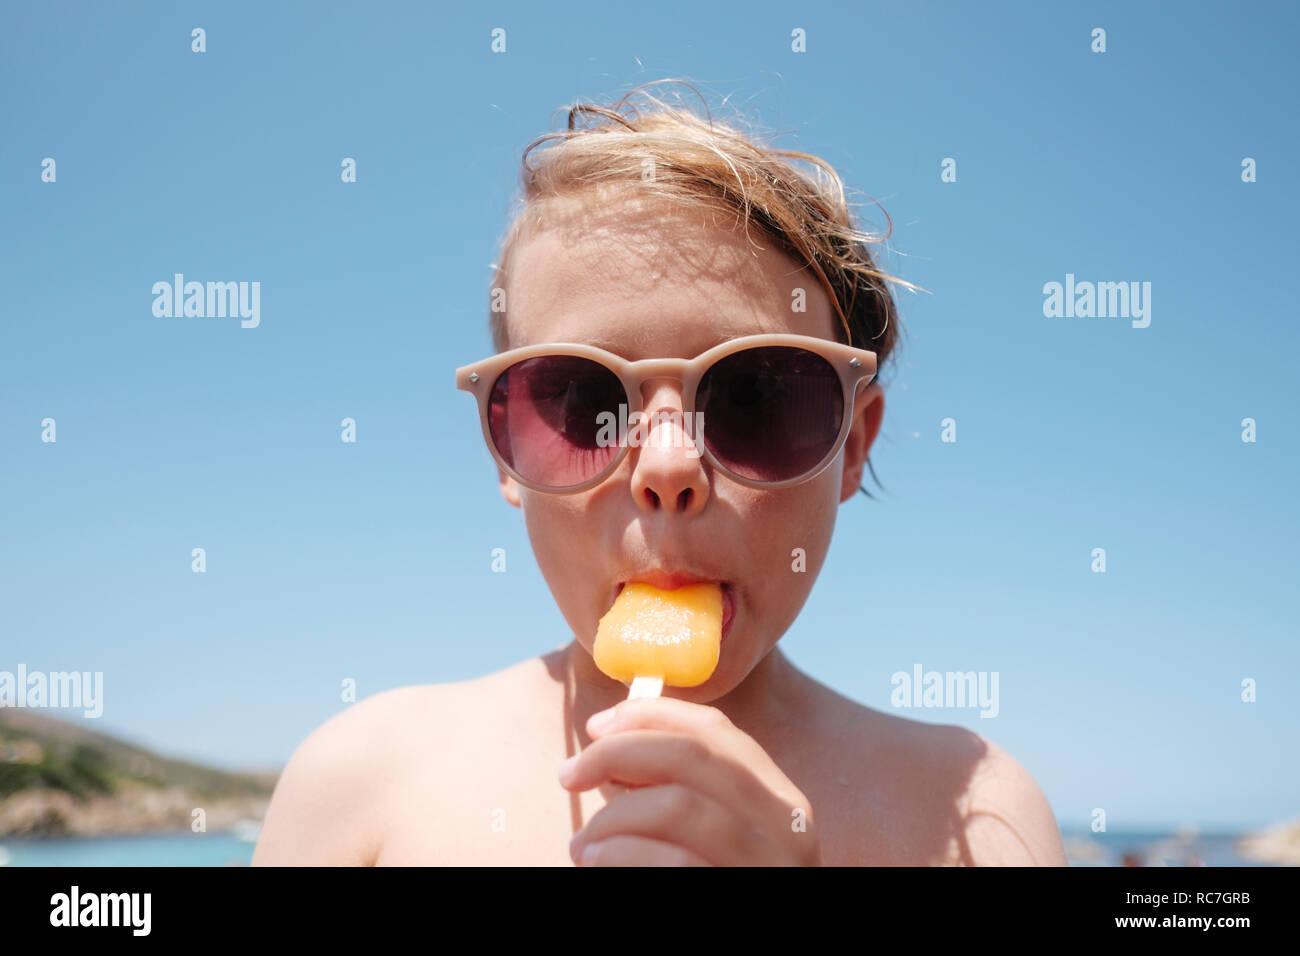 Garçon dans les lunettes de profiter de ice lolly Banque D'Images